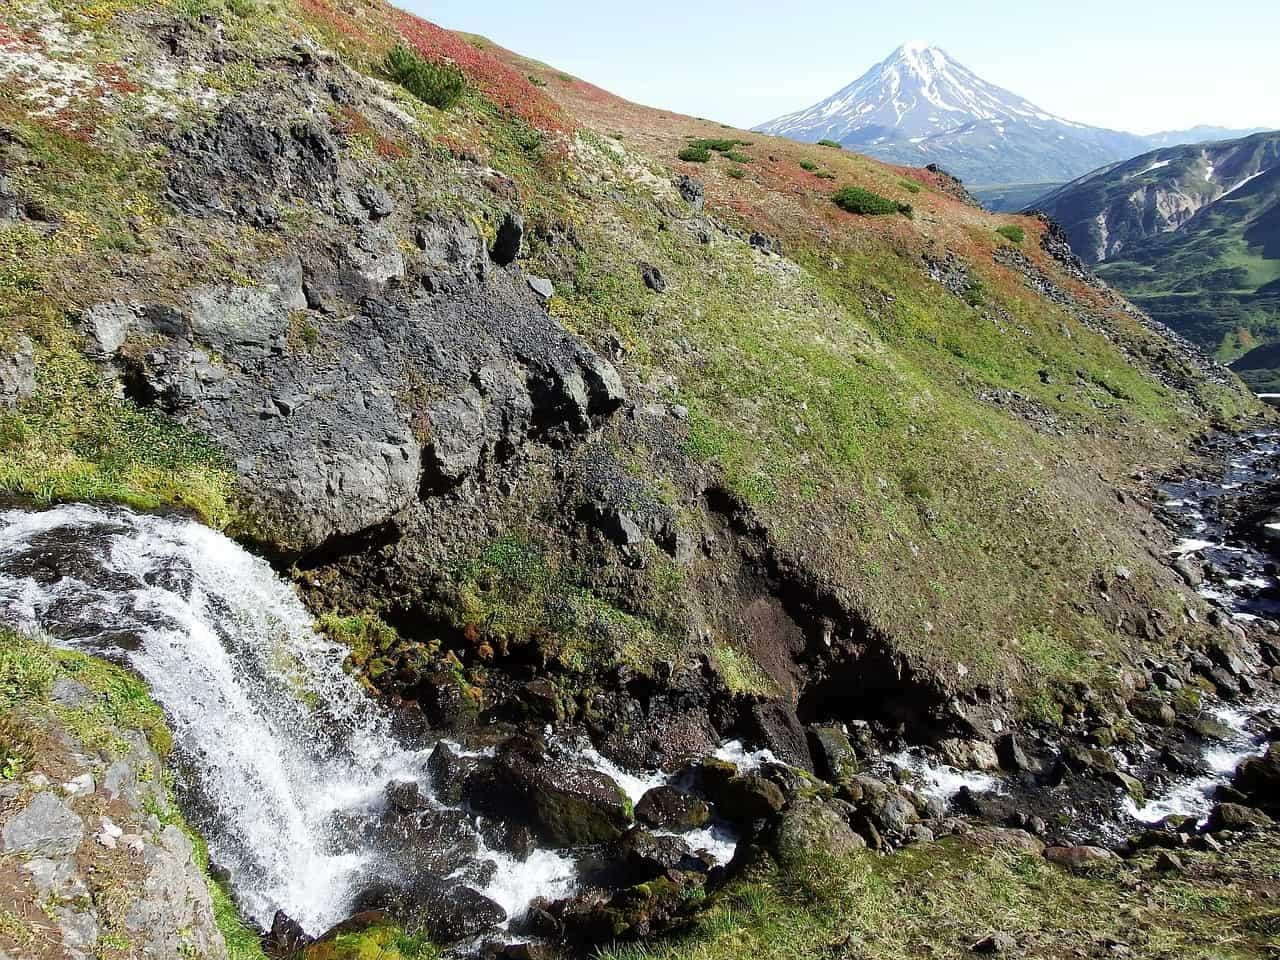 fee61bdaef9e15a087794d9505849270 - ▷ El río que sale del volcán 📖